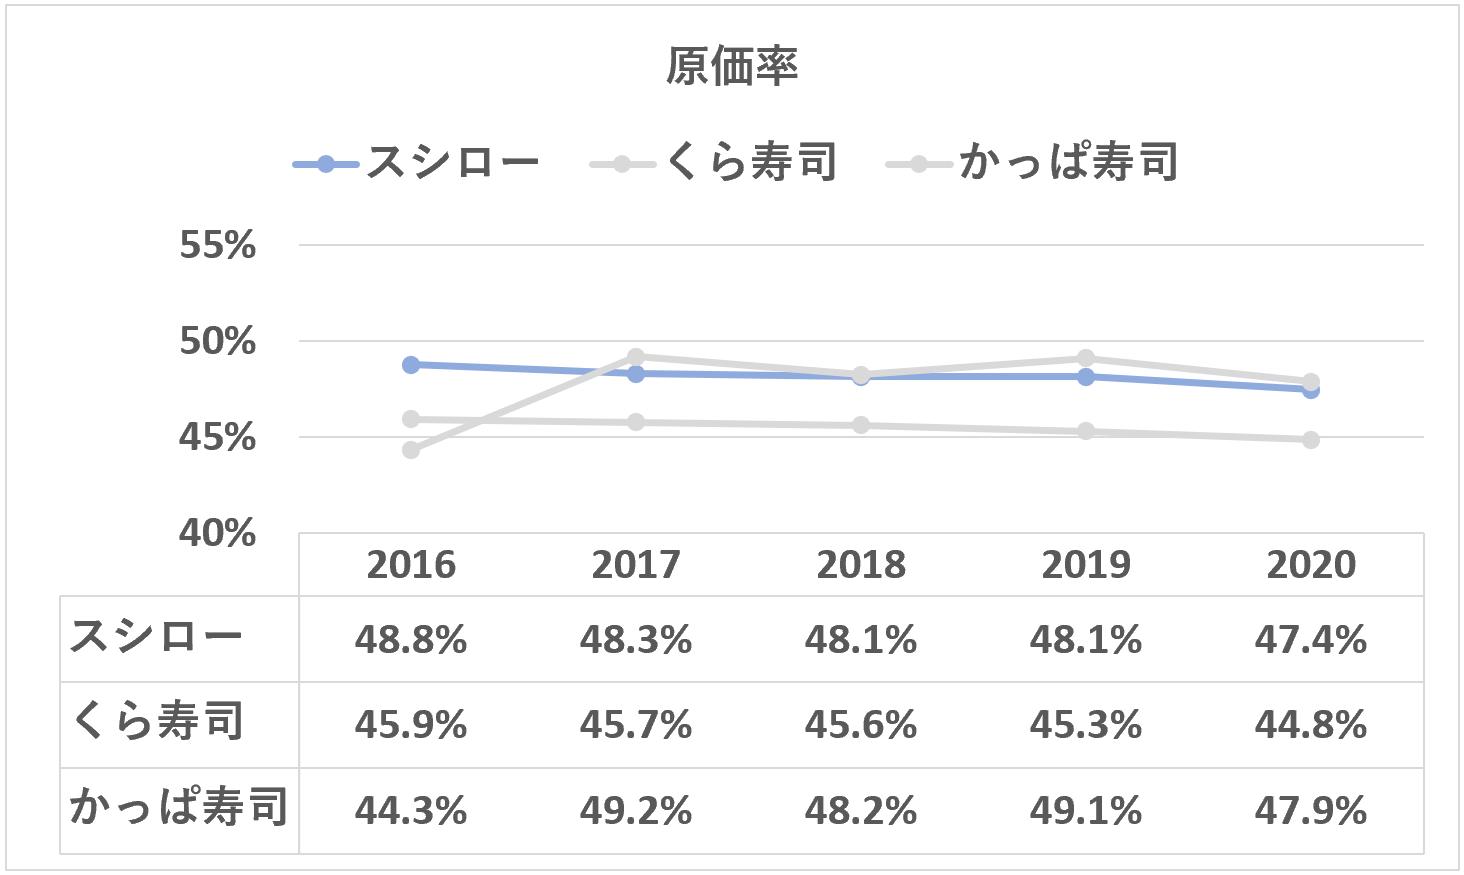 スシロー:原価率の推移